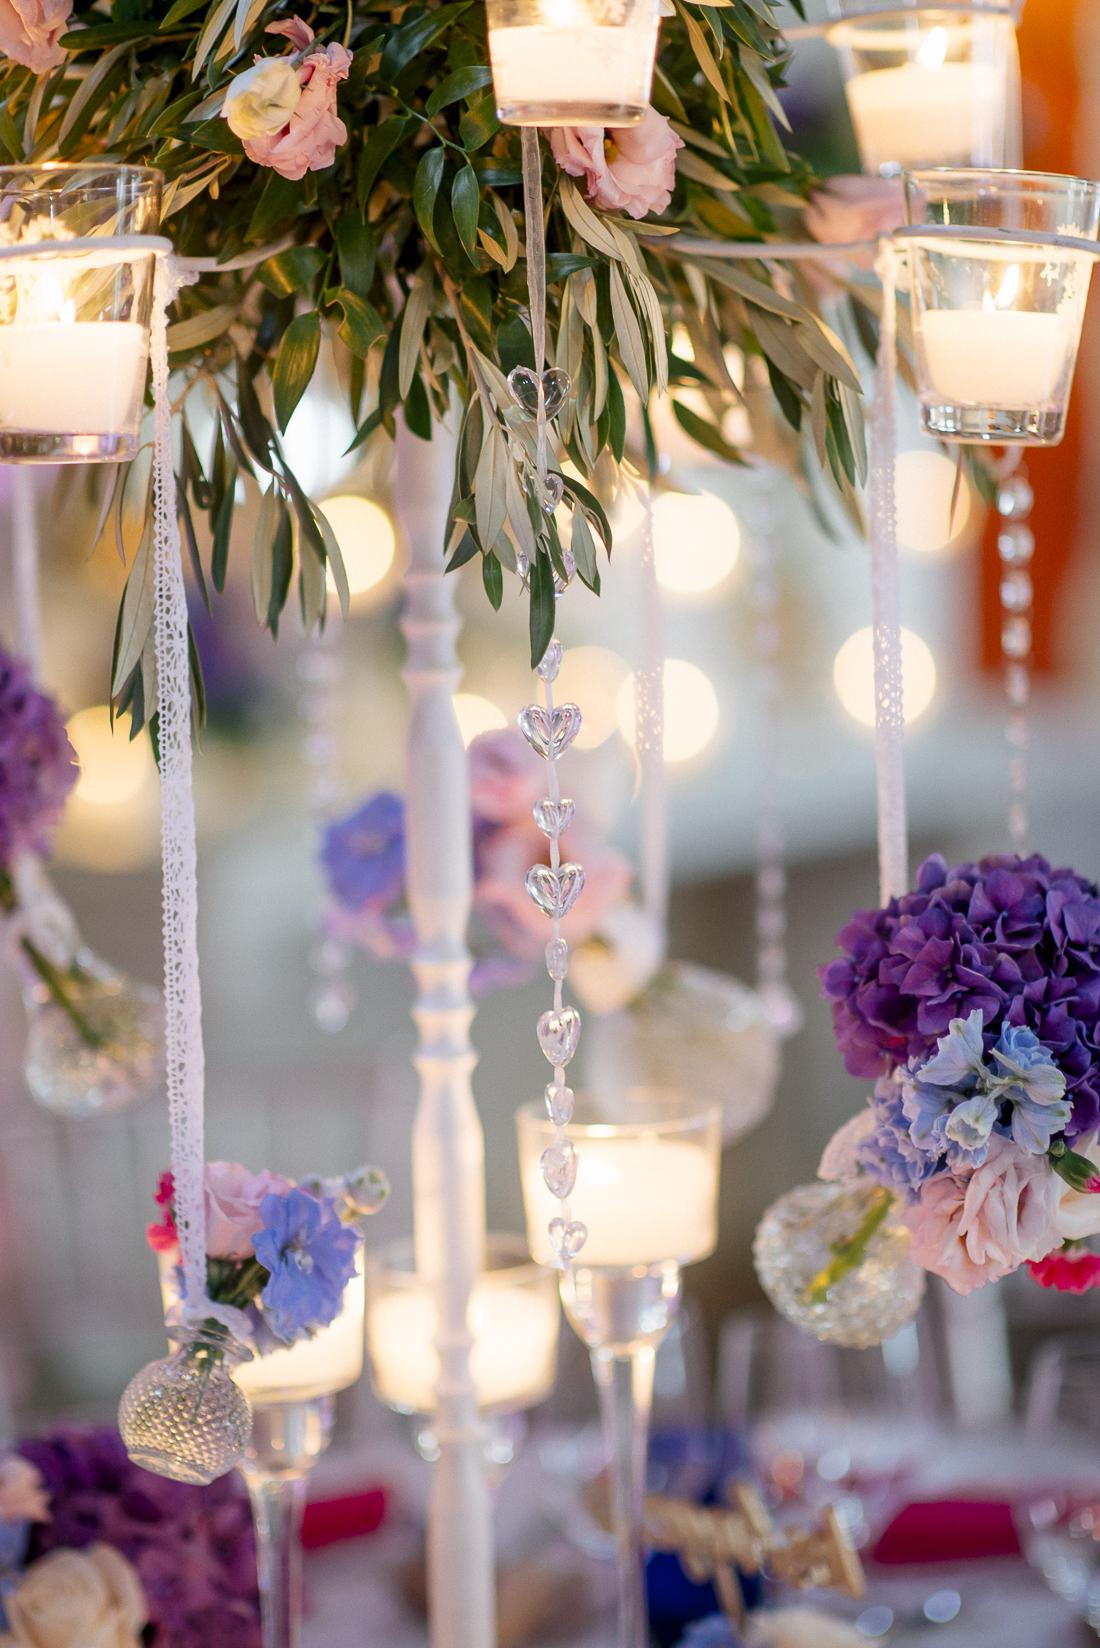 centros mesa boda www.bodasdecuento.com